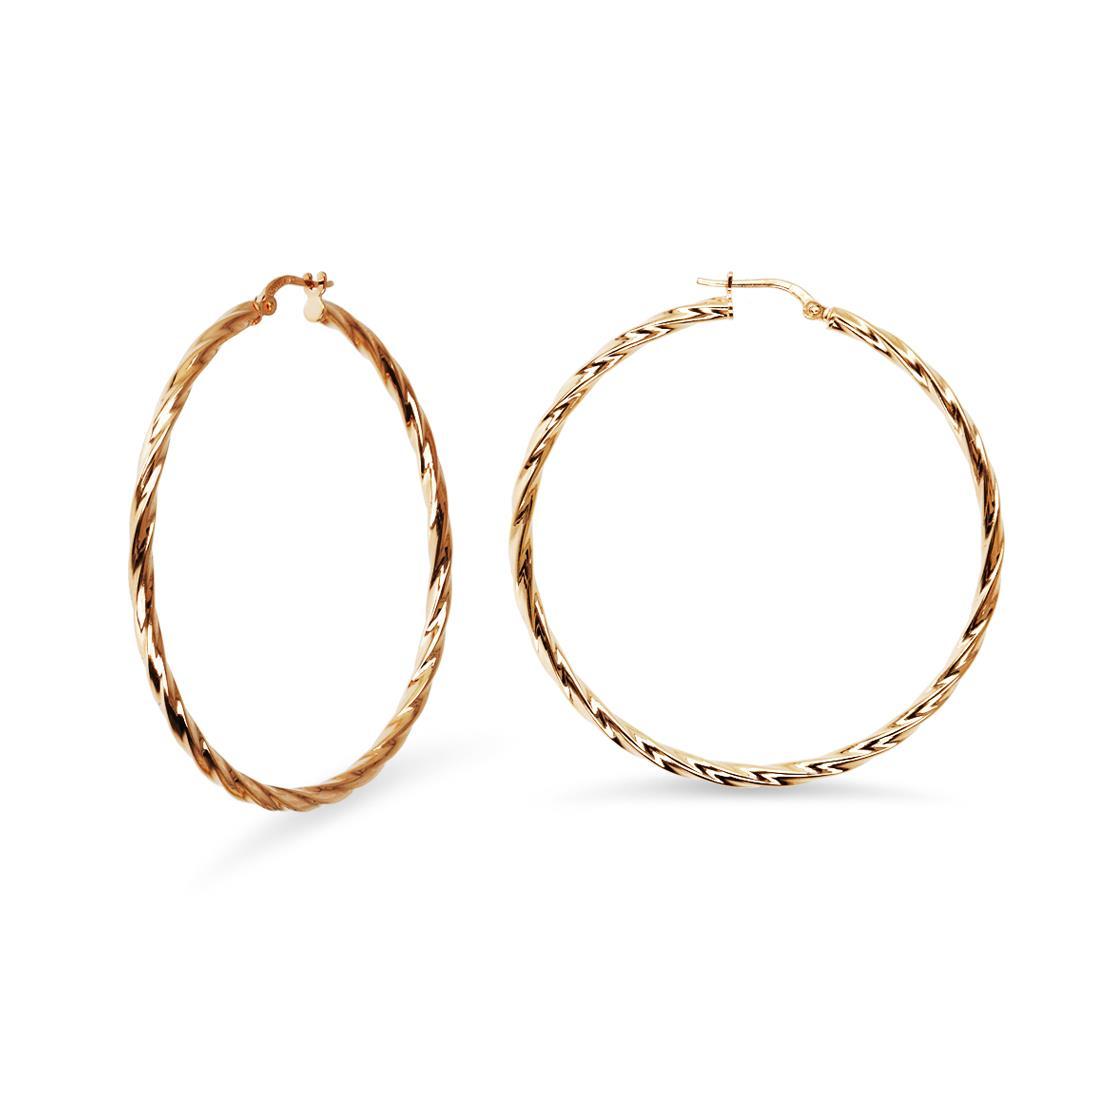 Hoop earrings - BELROSE BY BRONZALLURE